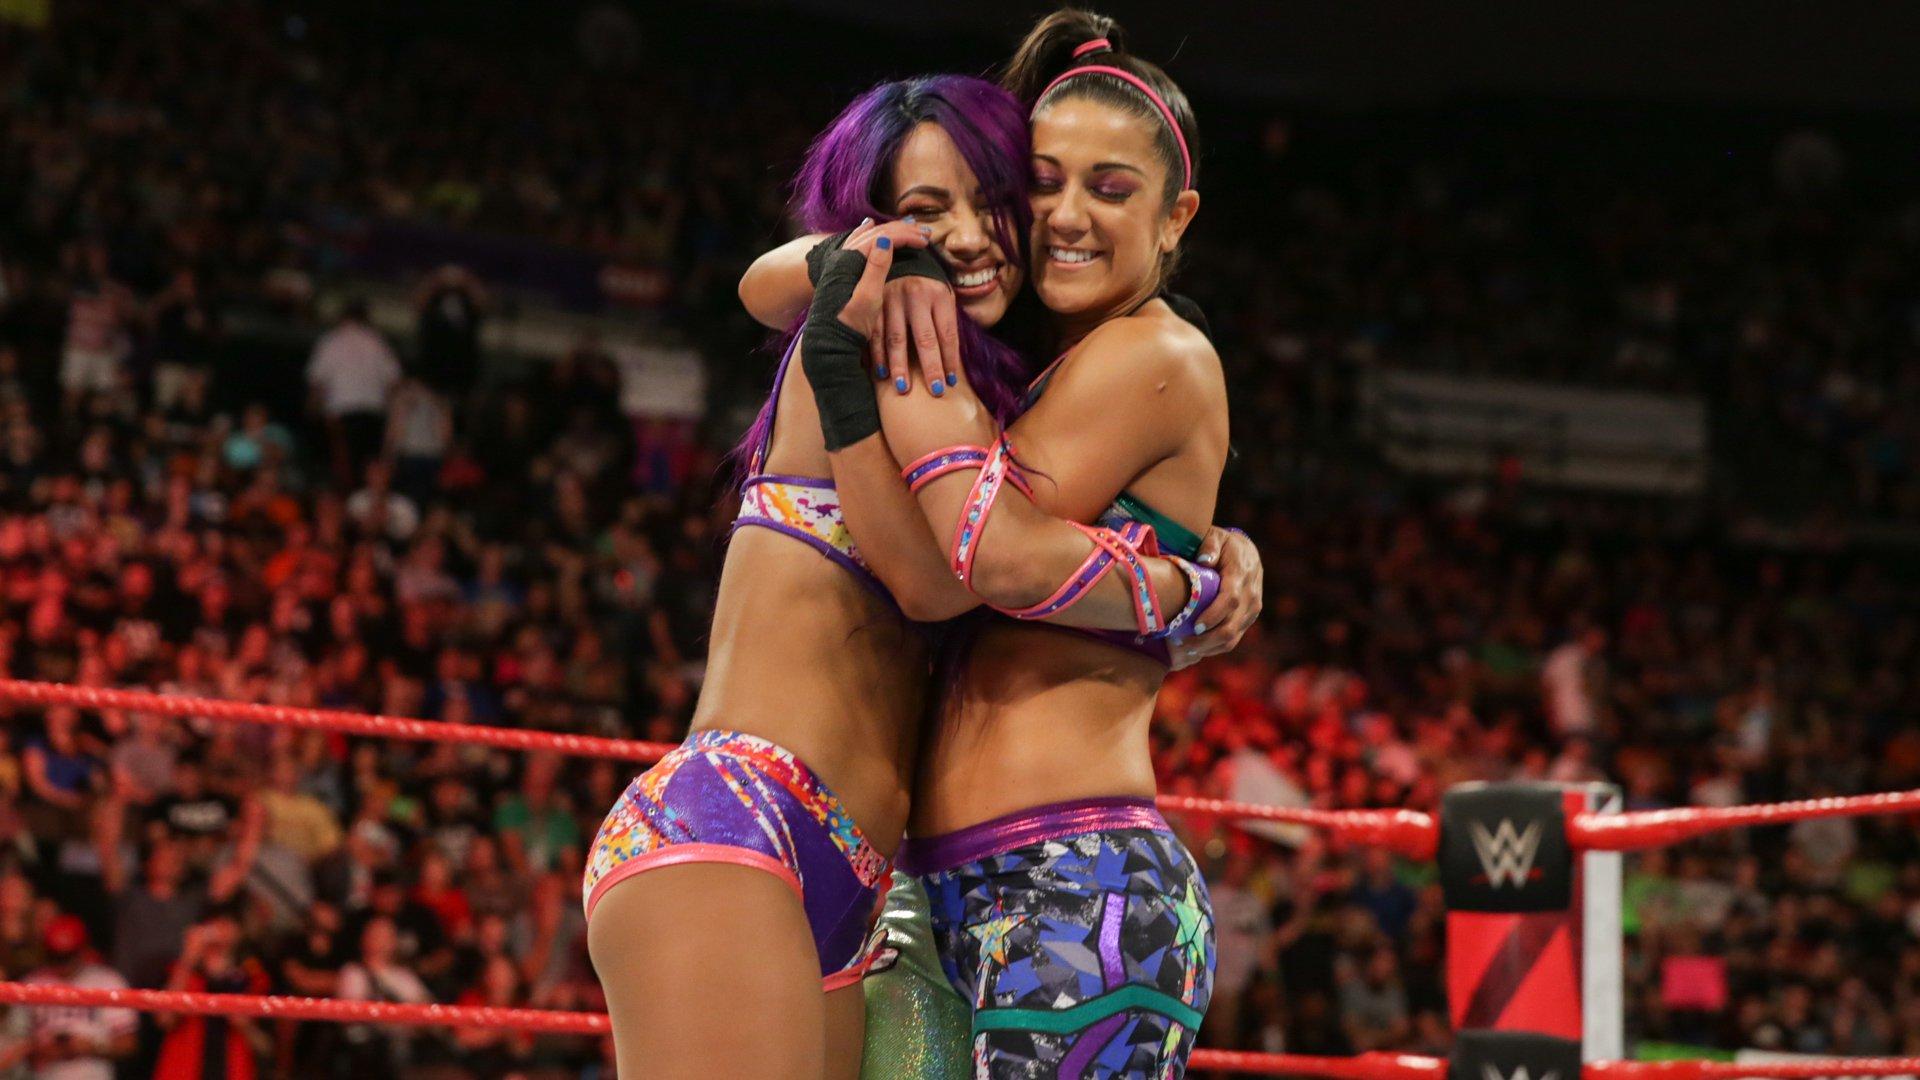 ऐसी पांच चीज़ें, जिनमें बदलाव कर 2019 में WWE को हो सकता है बड़ा फ़ायदा 2